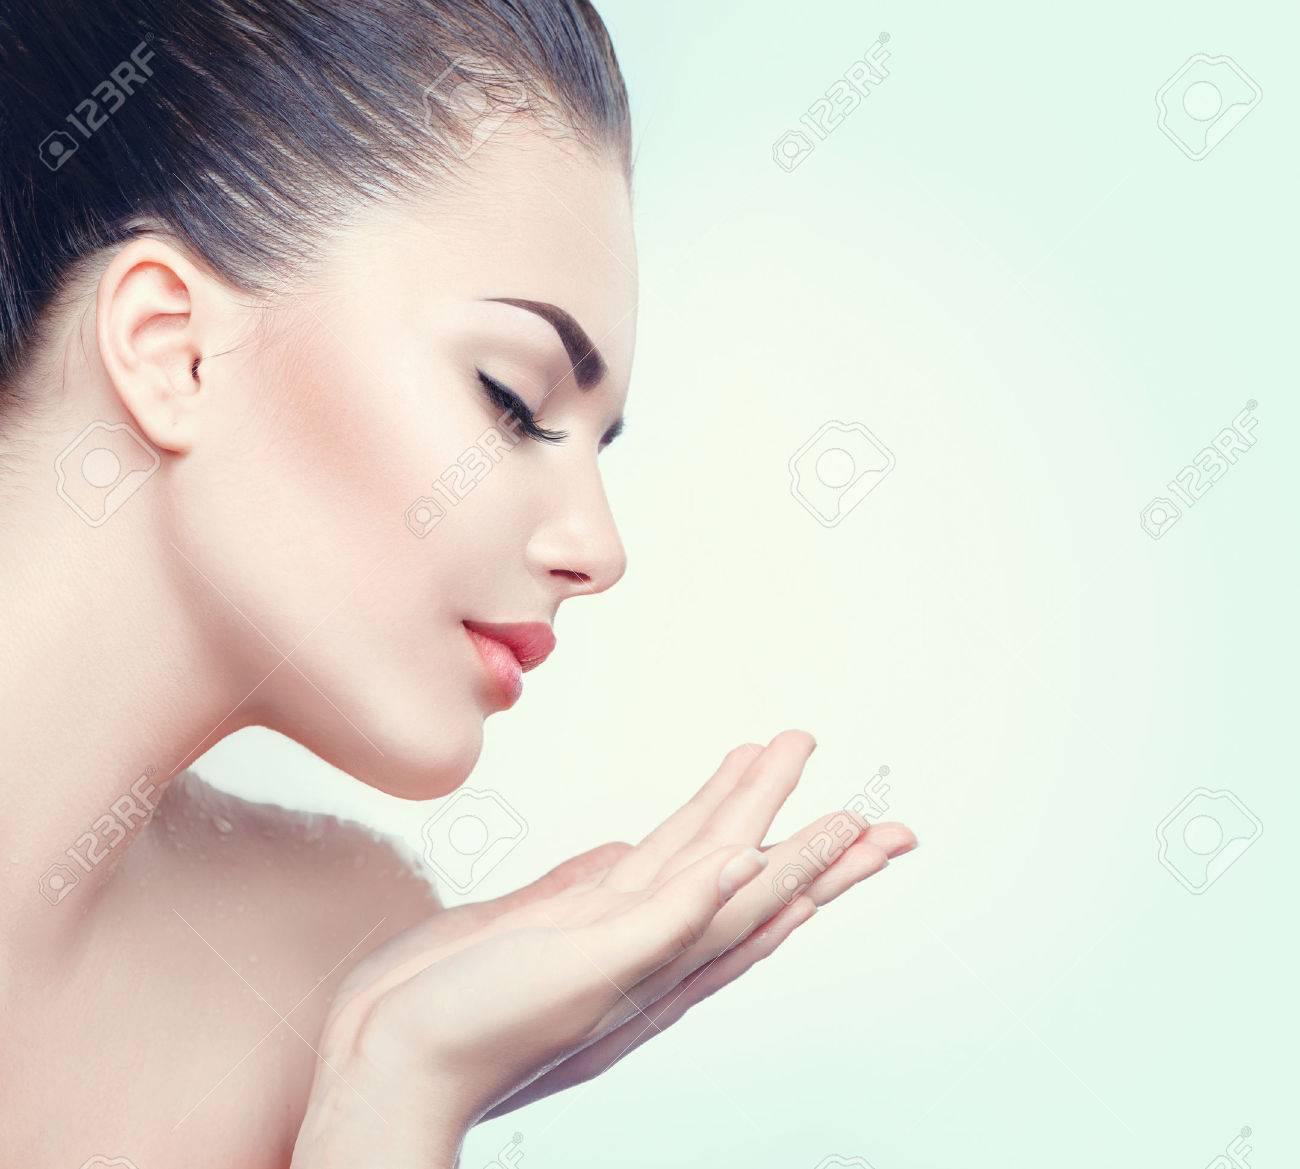 femme beauté spa avec une peau parfaite montrant vide copie espace sur la paume de la main ouverte Banque d'images - 63997796